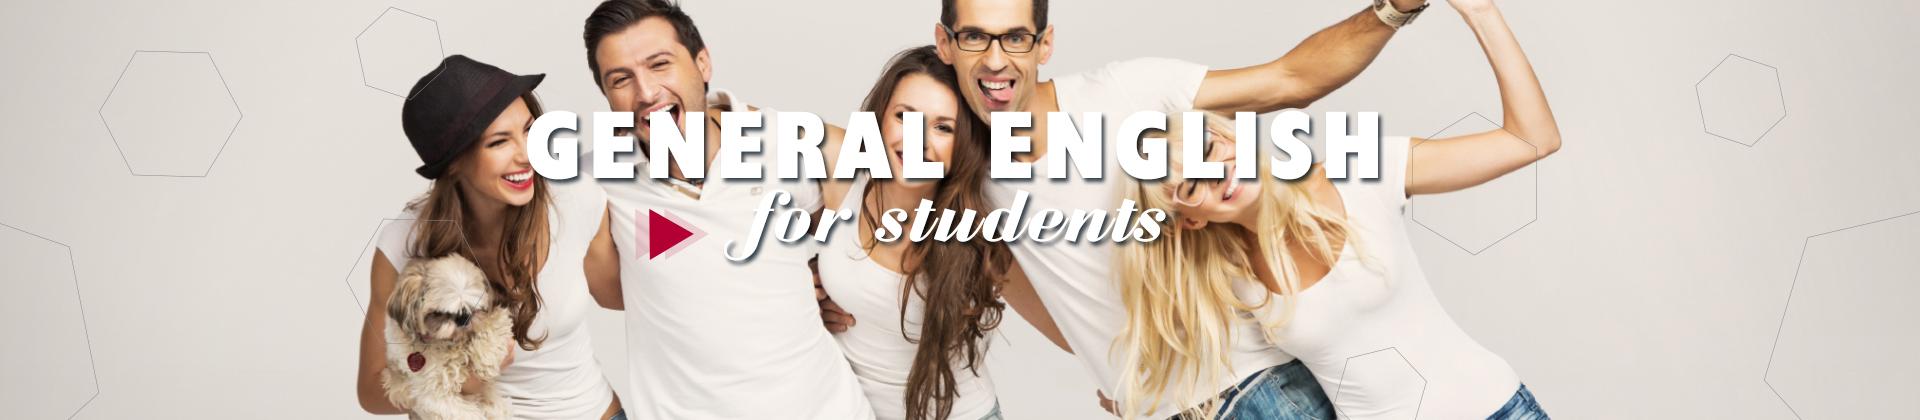 kursy angielskiego dla studentów